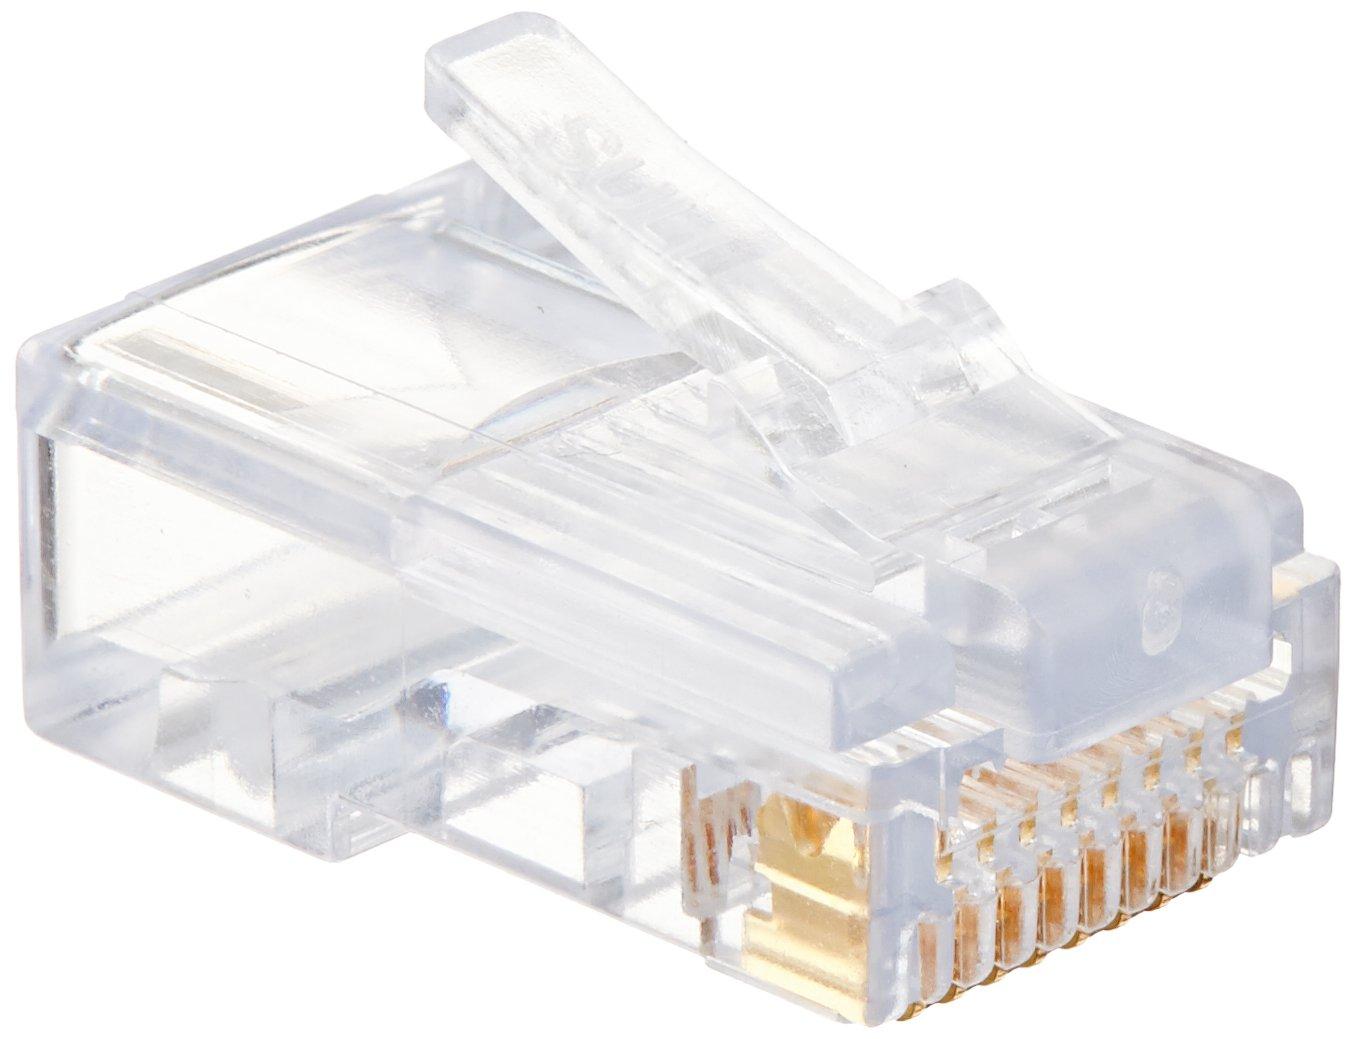 Platinum Tools 100015 Ez Rj45 Cat5e Connector 15 Order Of The Bath Cat5 And Cat6 Connectors Clamshellpack Home Improvement